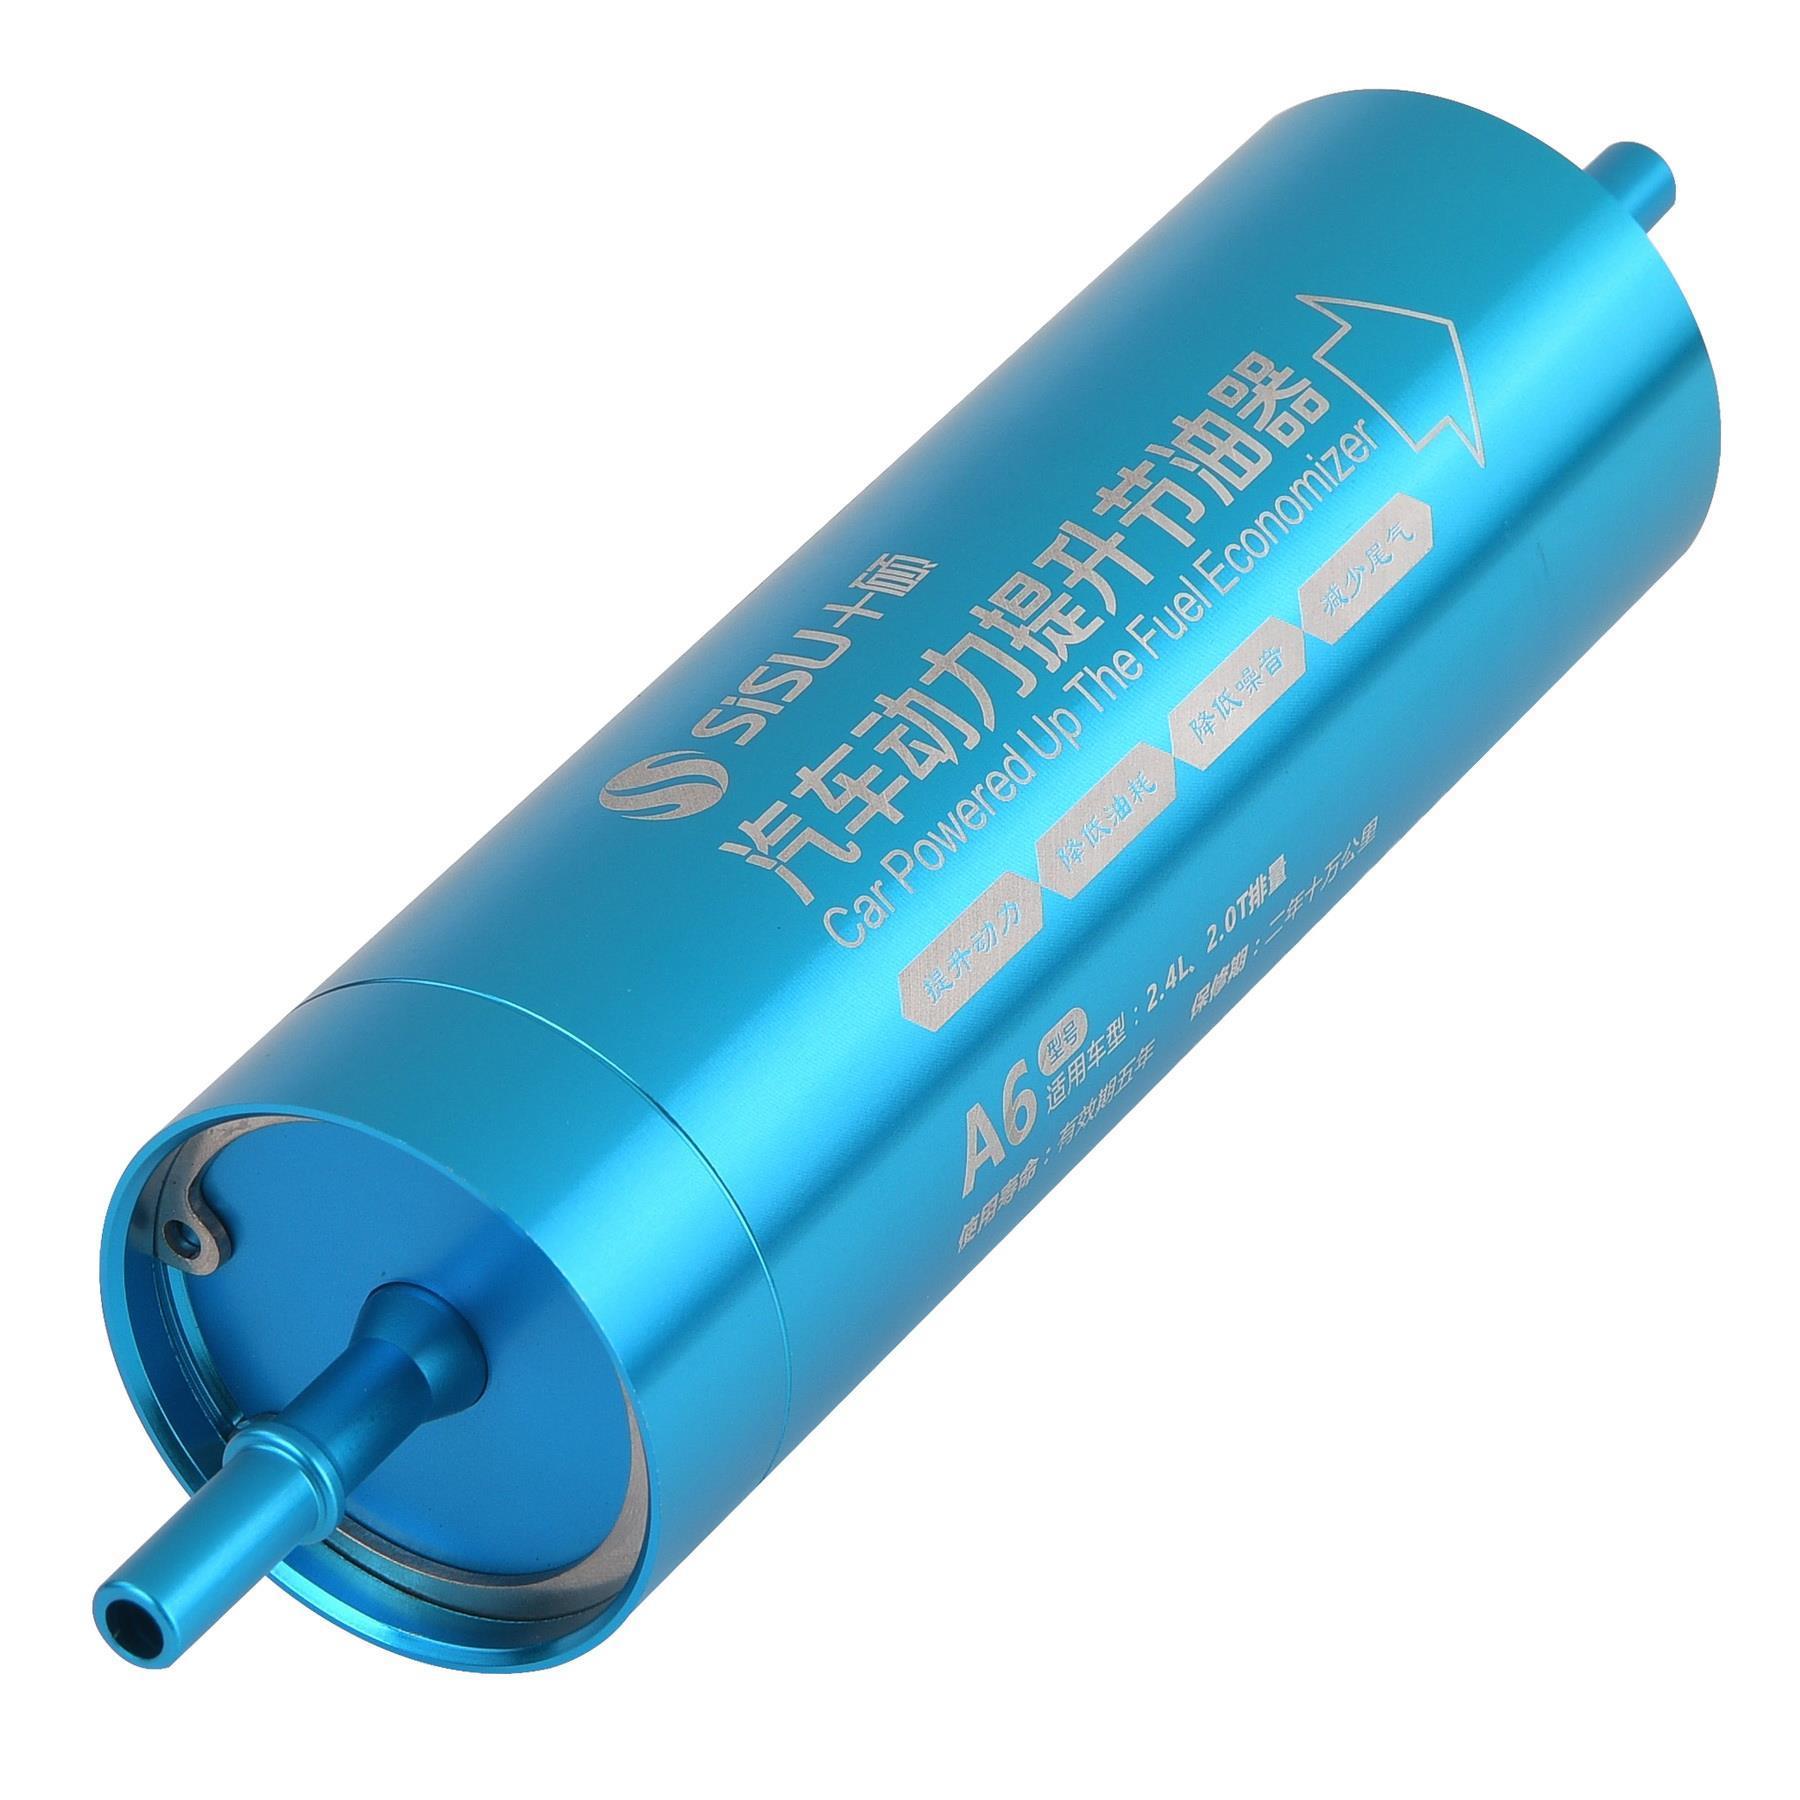 六盘水动力提升节油器厂家